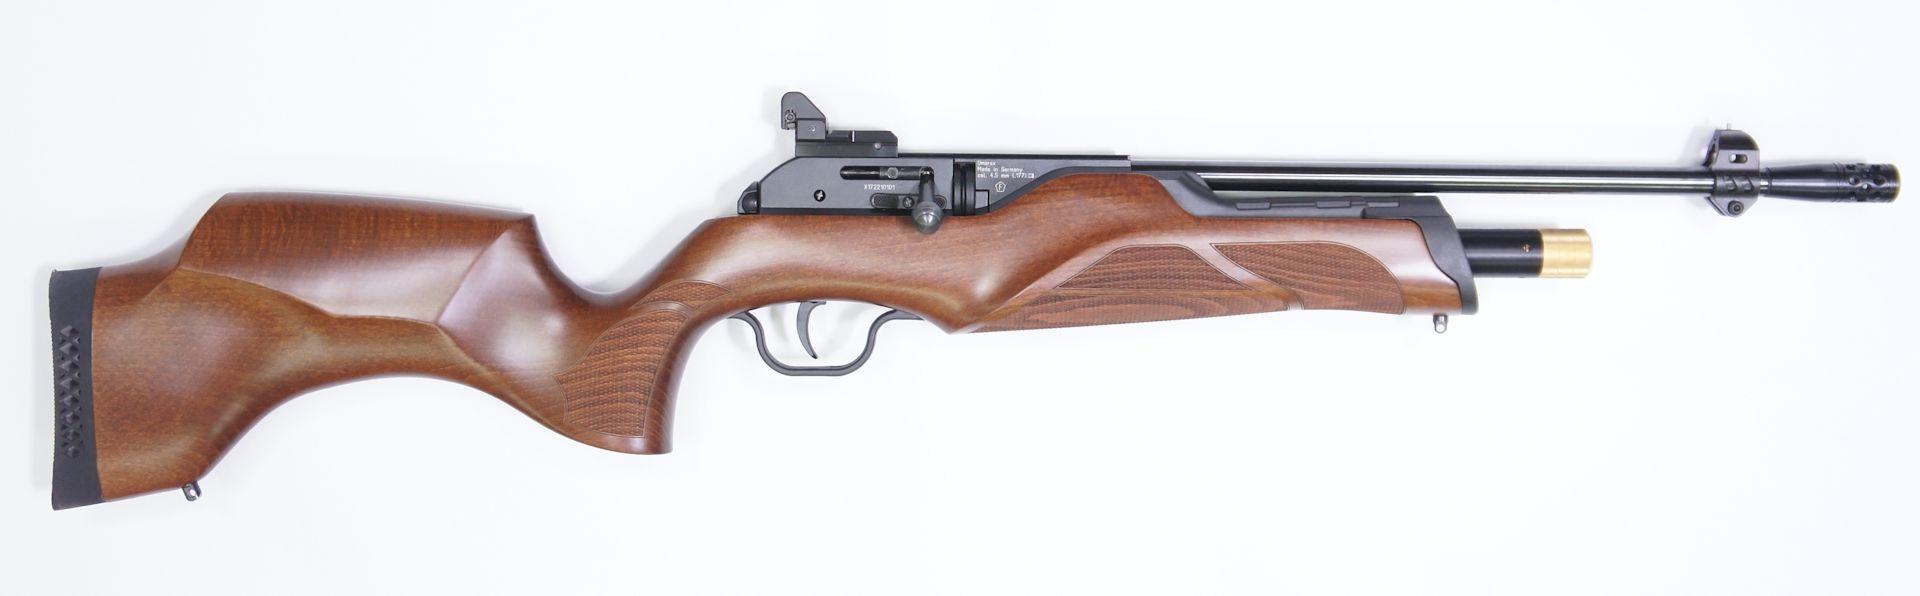 Hier sehen Sie das Hämmerli 850 Carbine von der rechten Seite.